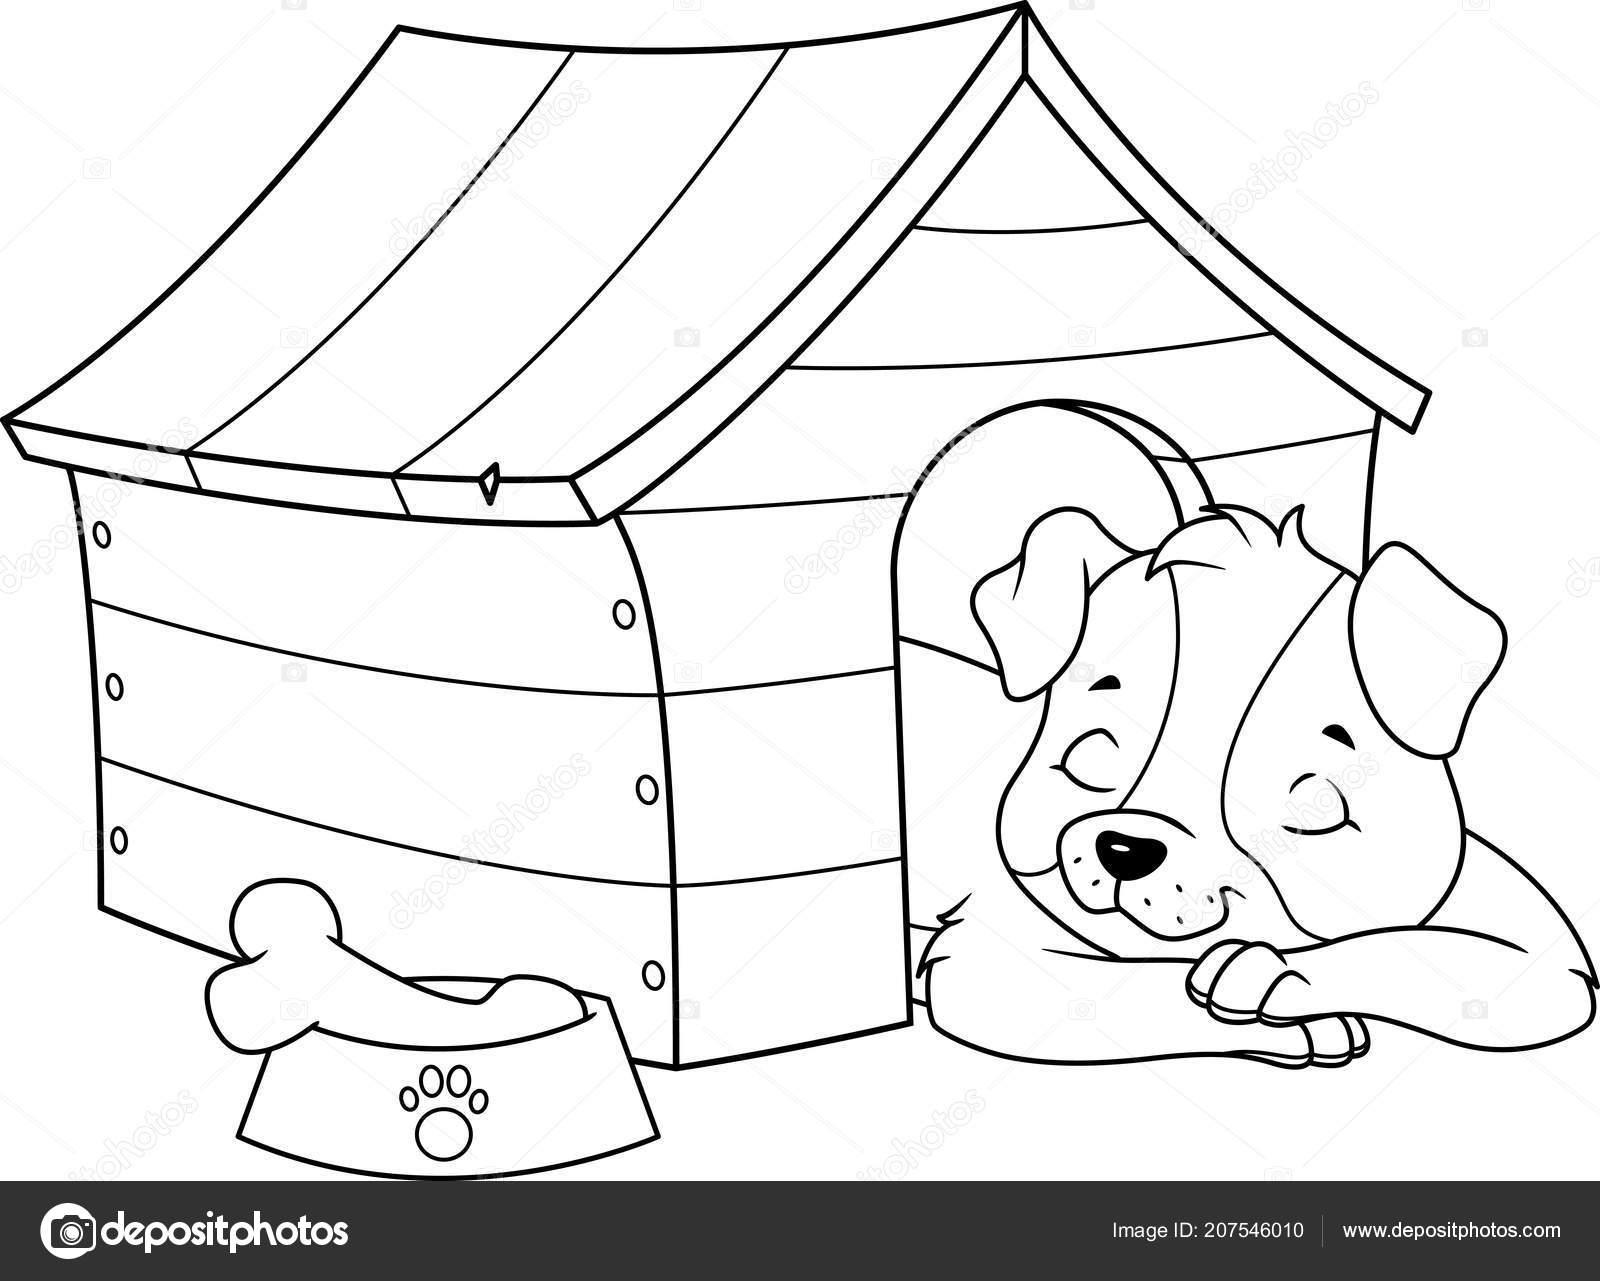 Kleurplaten Hondenhok.Pup Slapen Een Hondenhok Kleurplaat Pagina Stockvector C Malyaka